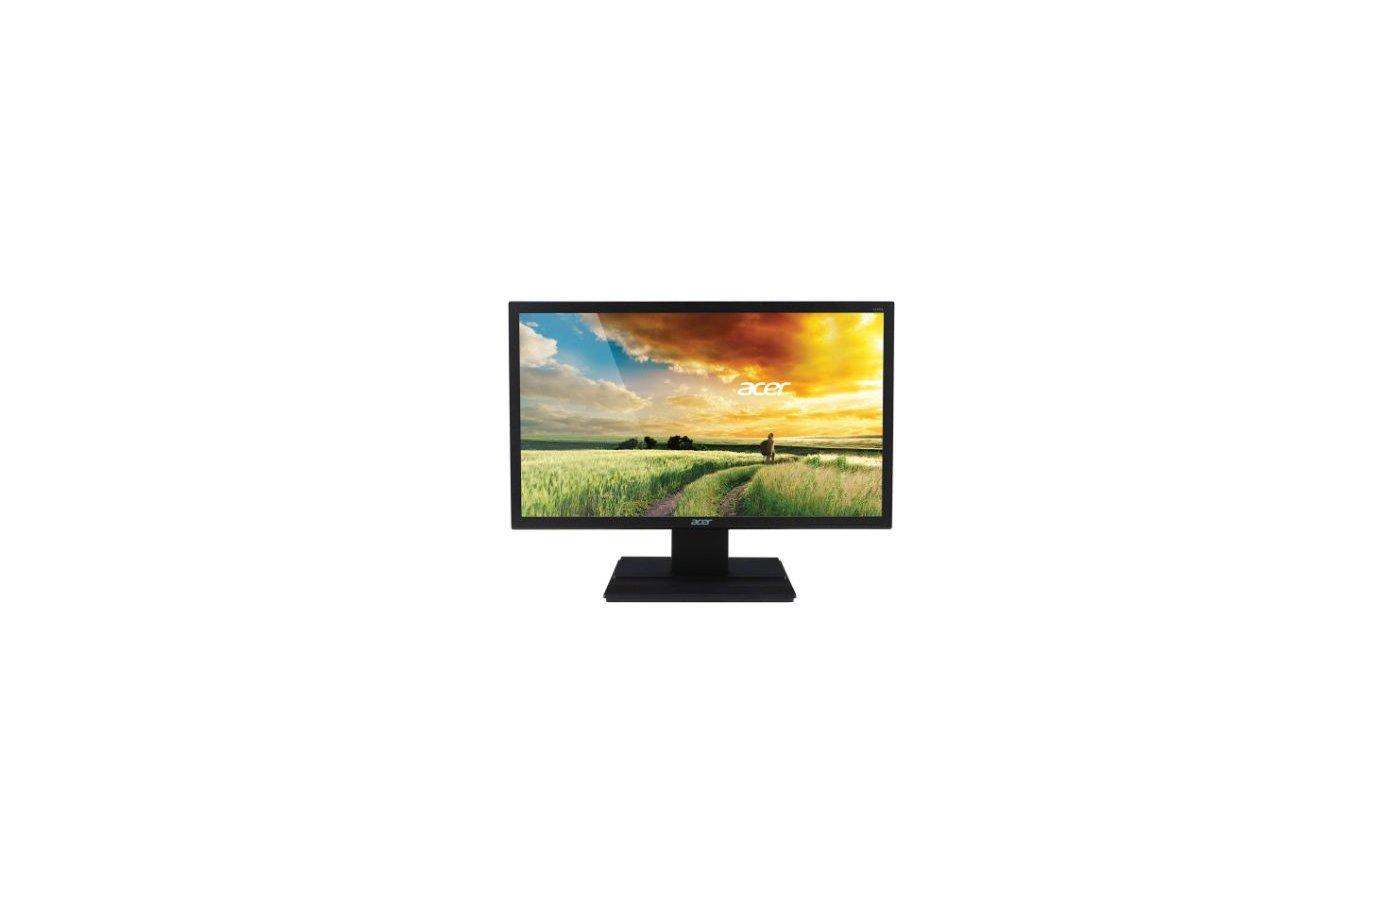 """ЖК-монитор более 24"""" Acer V246HYLbd black /UM.QV6EE.002/"""